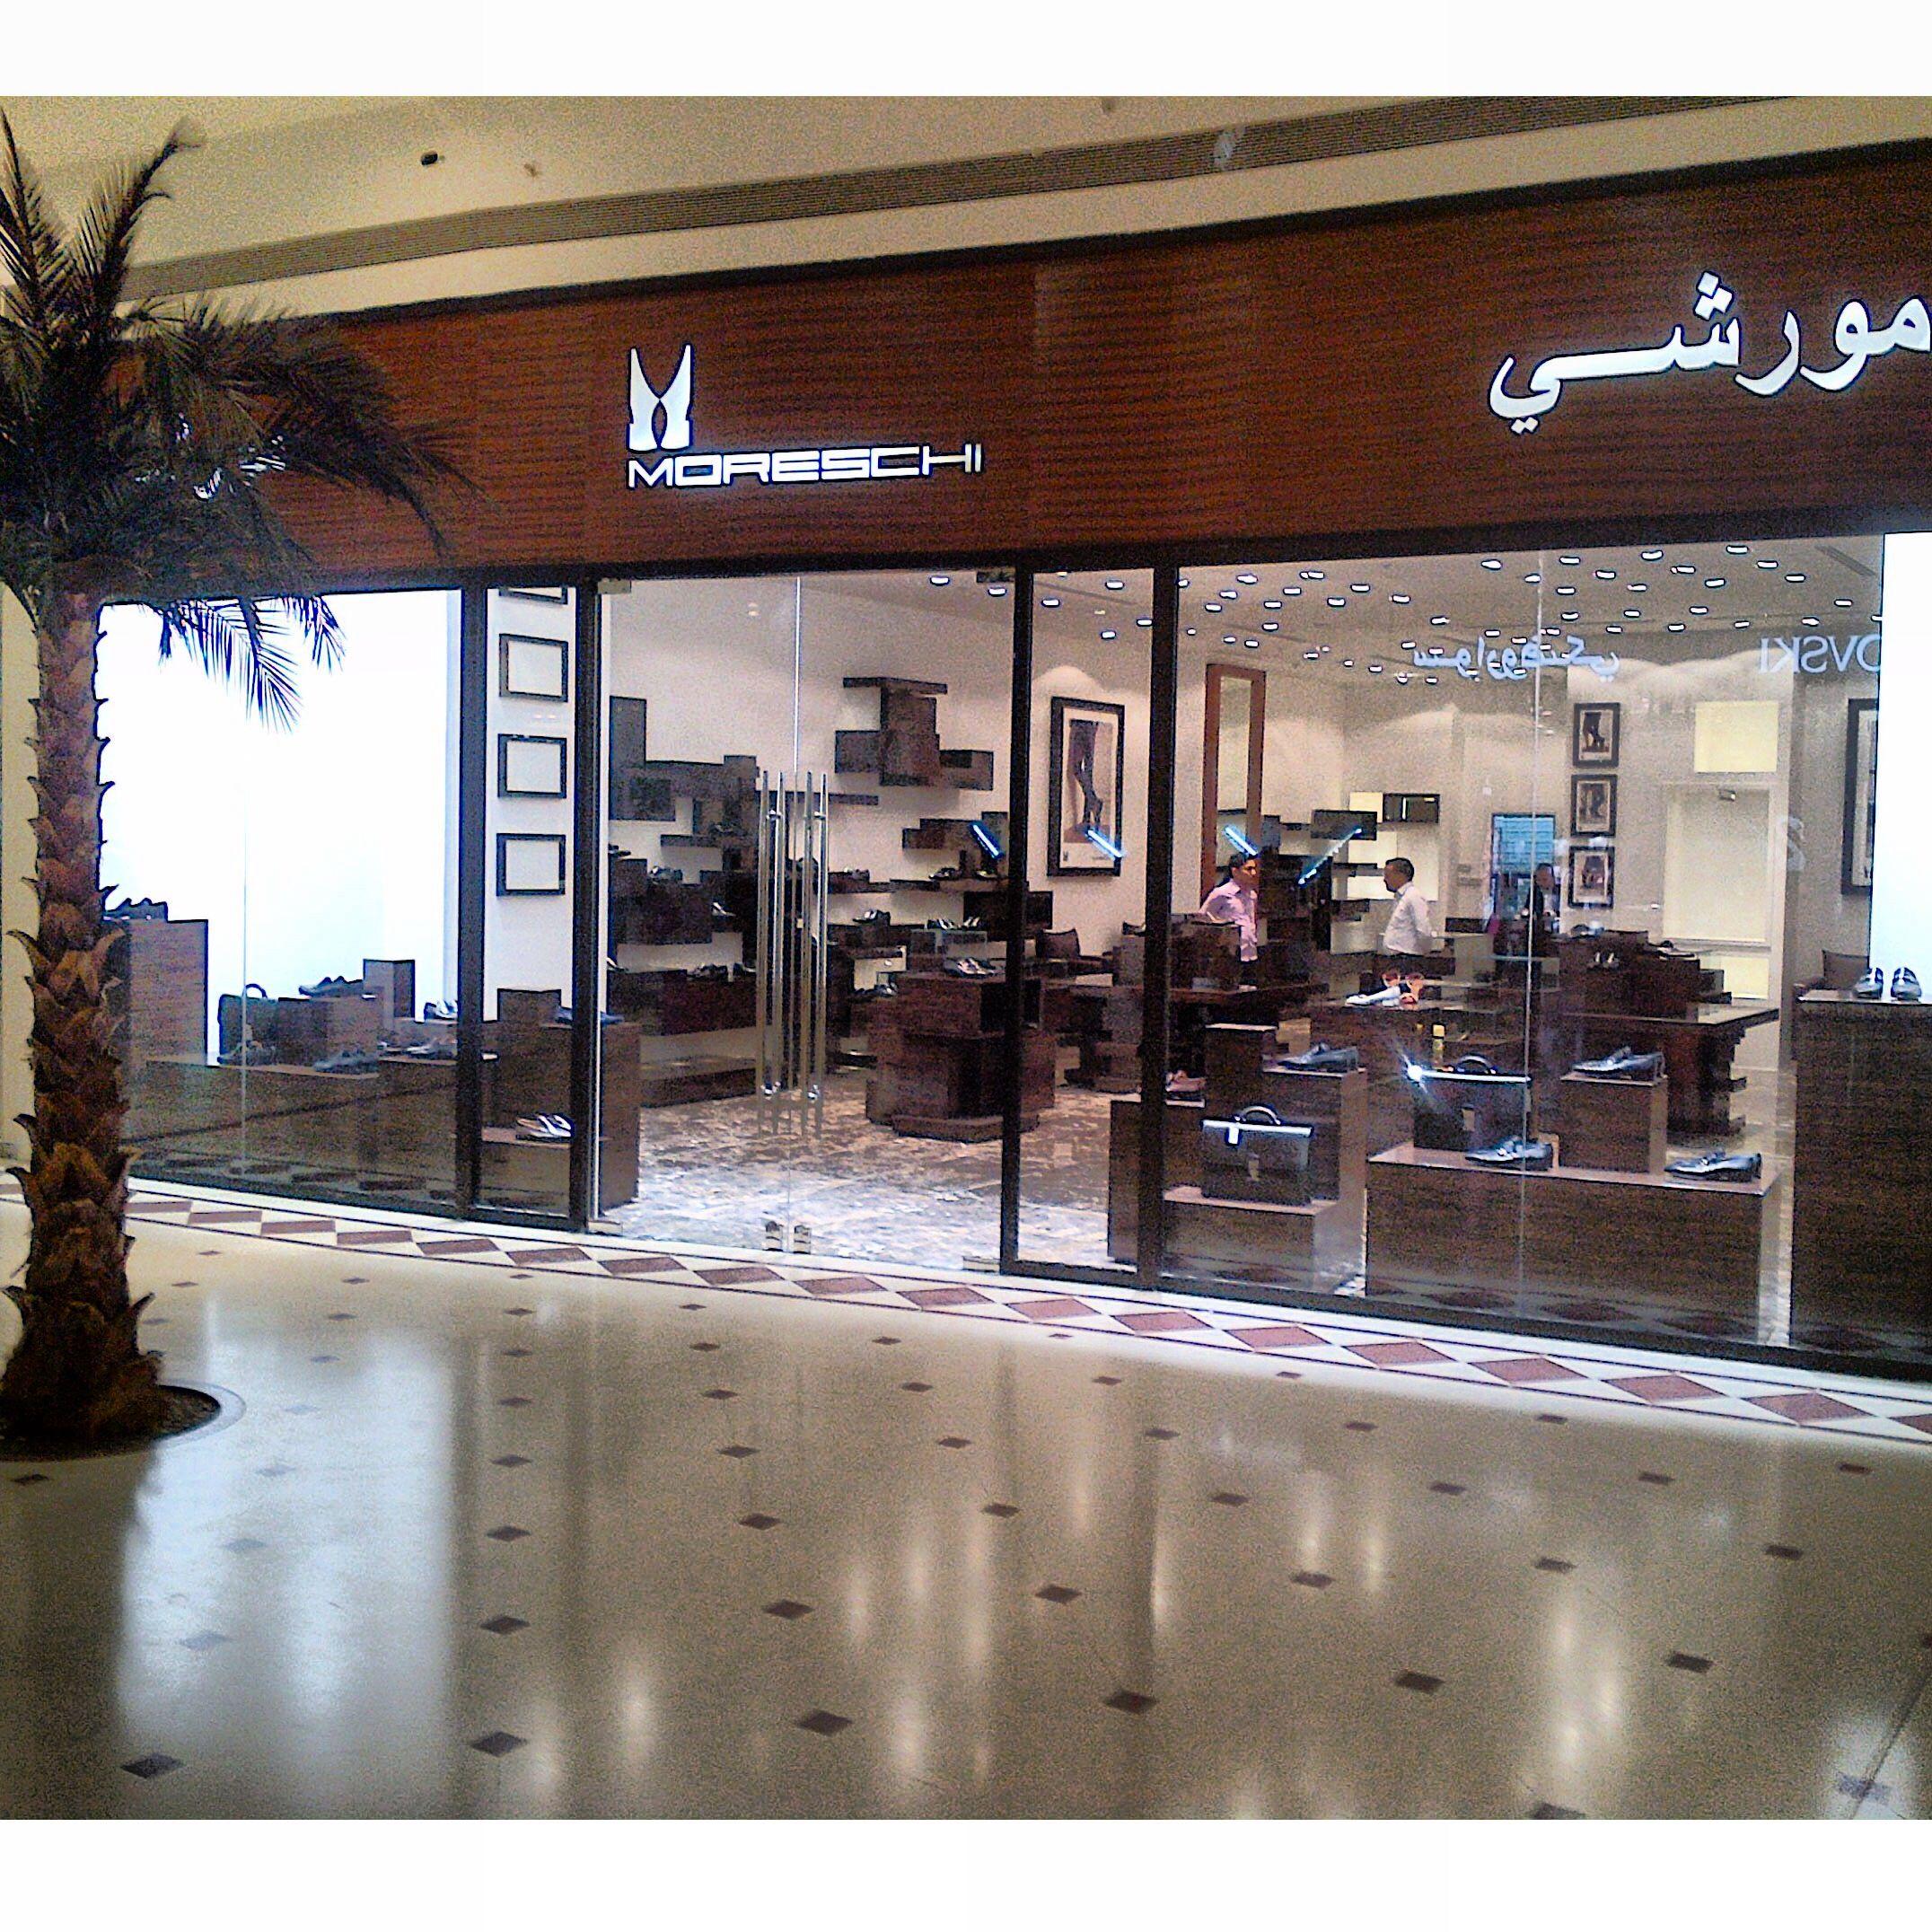 Moreschi boutique - Riyadh, Saudi Arabia - Al Faisaliyah Mall